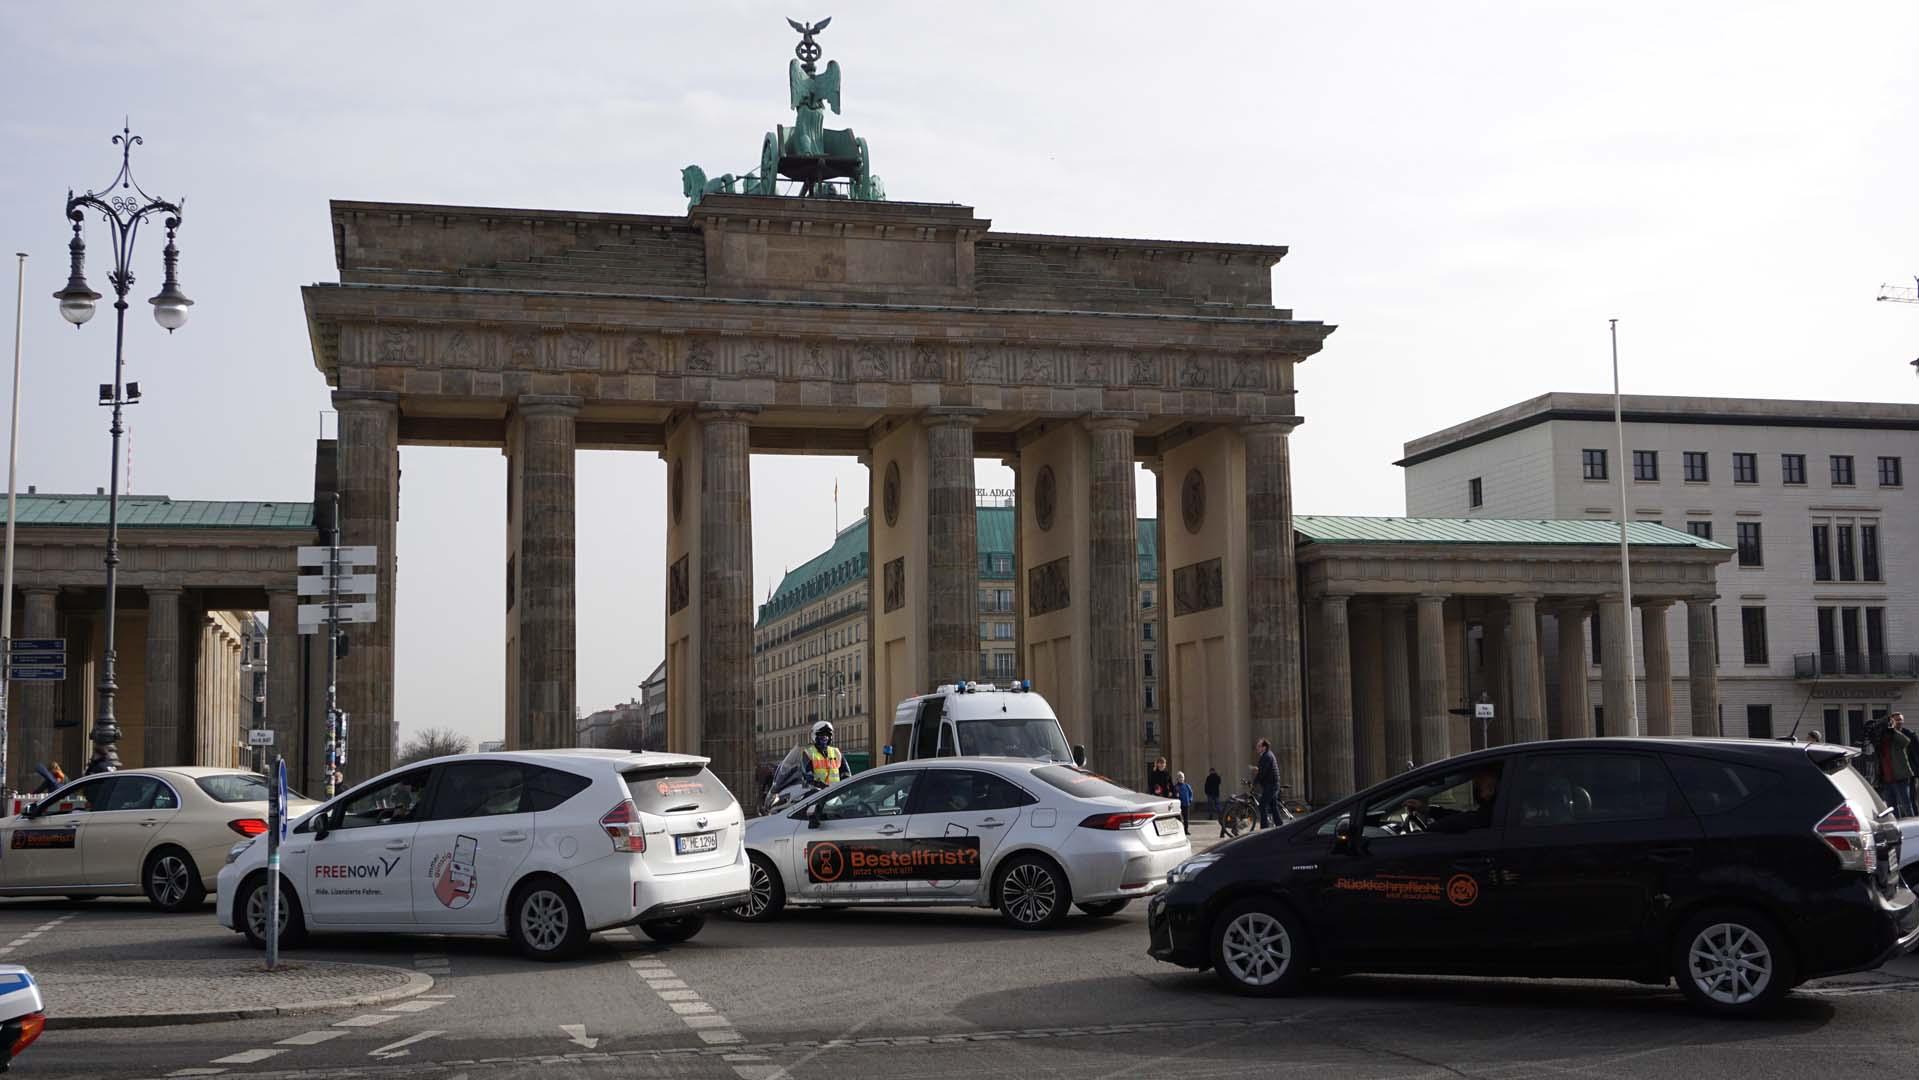 800 Mietwagen demonstrieren gegen Taxi-Schutz-Gesetz